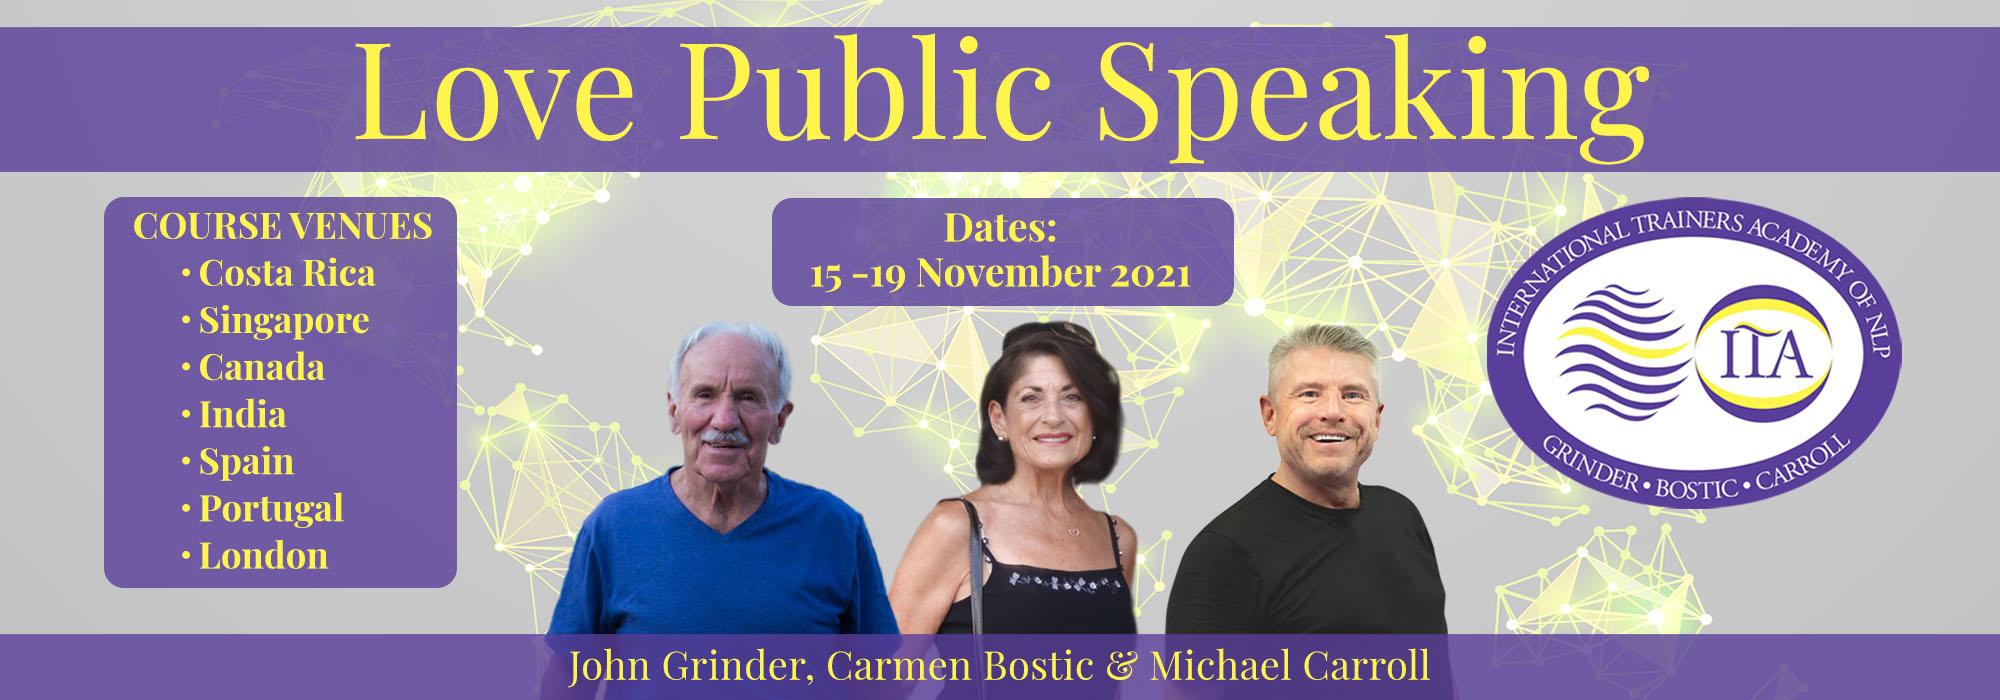 Love Public Speaking